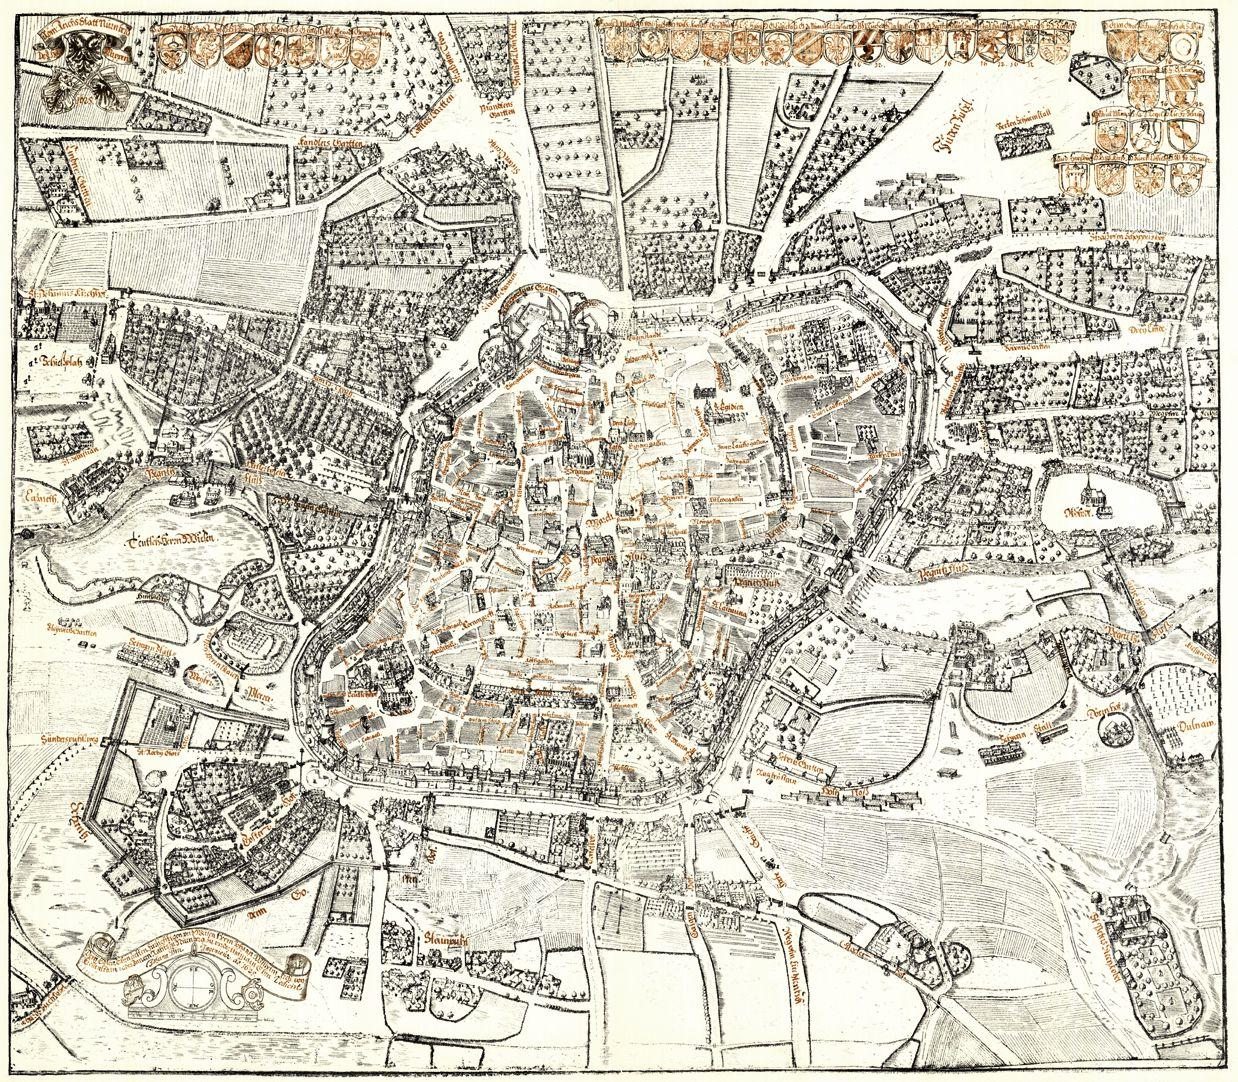 Kress´sche Karte von Nürnberg mit Landwehr Gesamtansicht von Süden